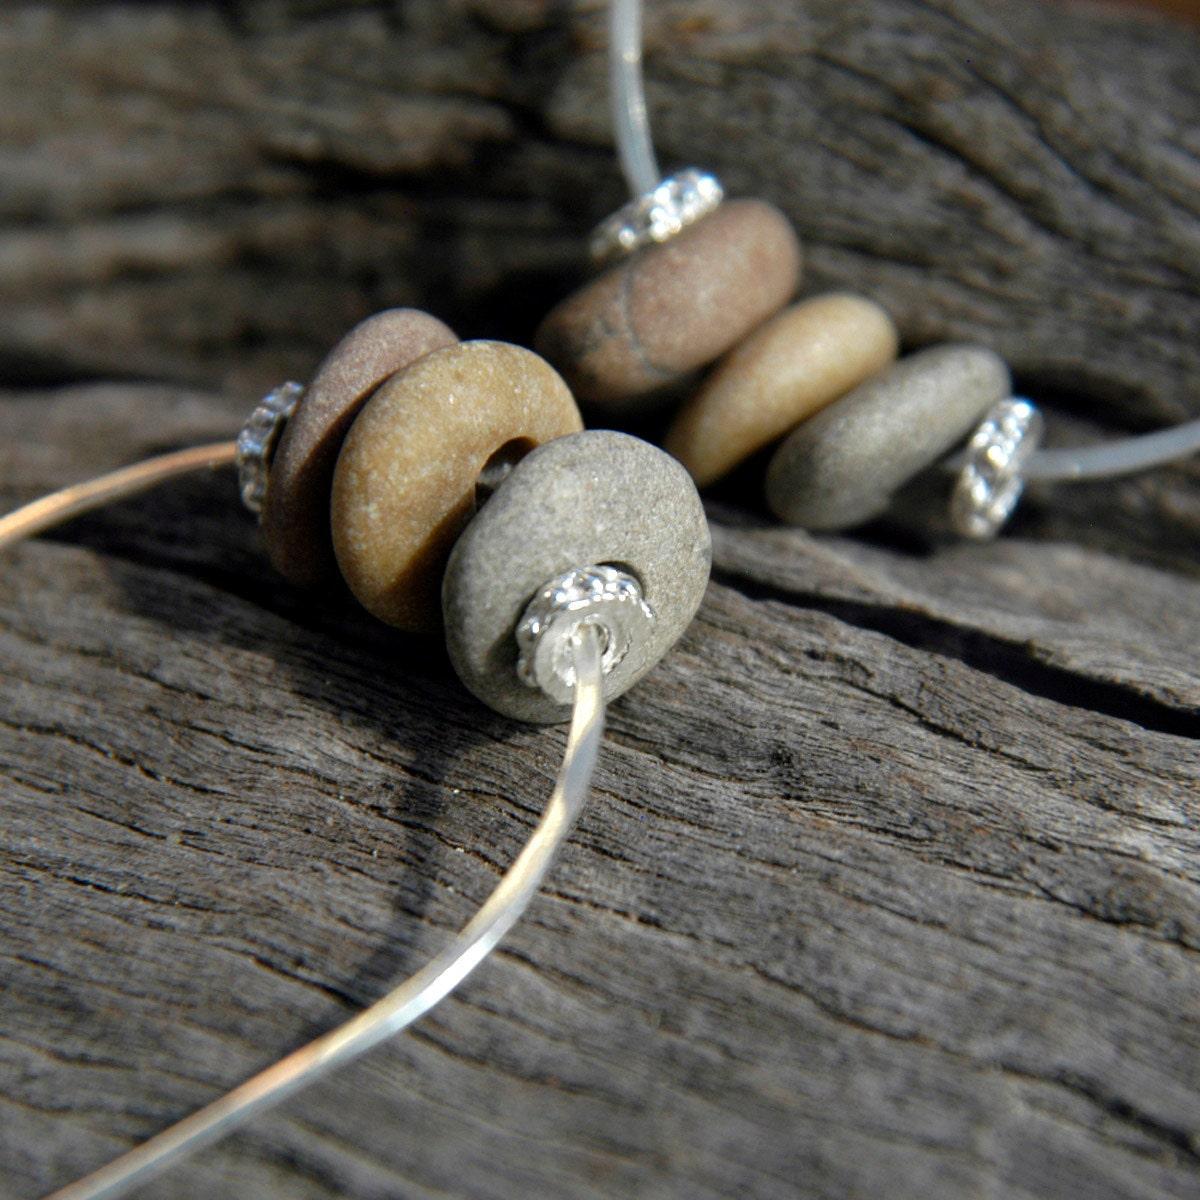 Beach Pebble Earrings with Sterling Silver U-Shaped Hoops. - Wearable Beach Art